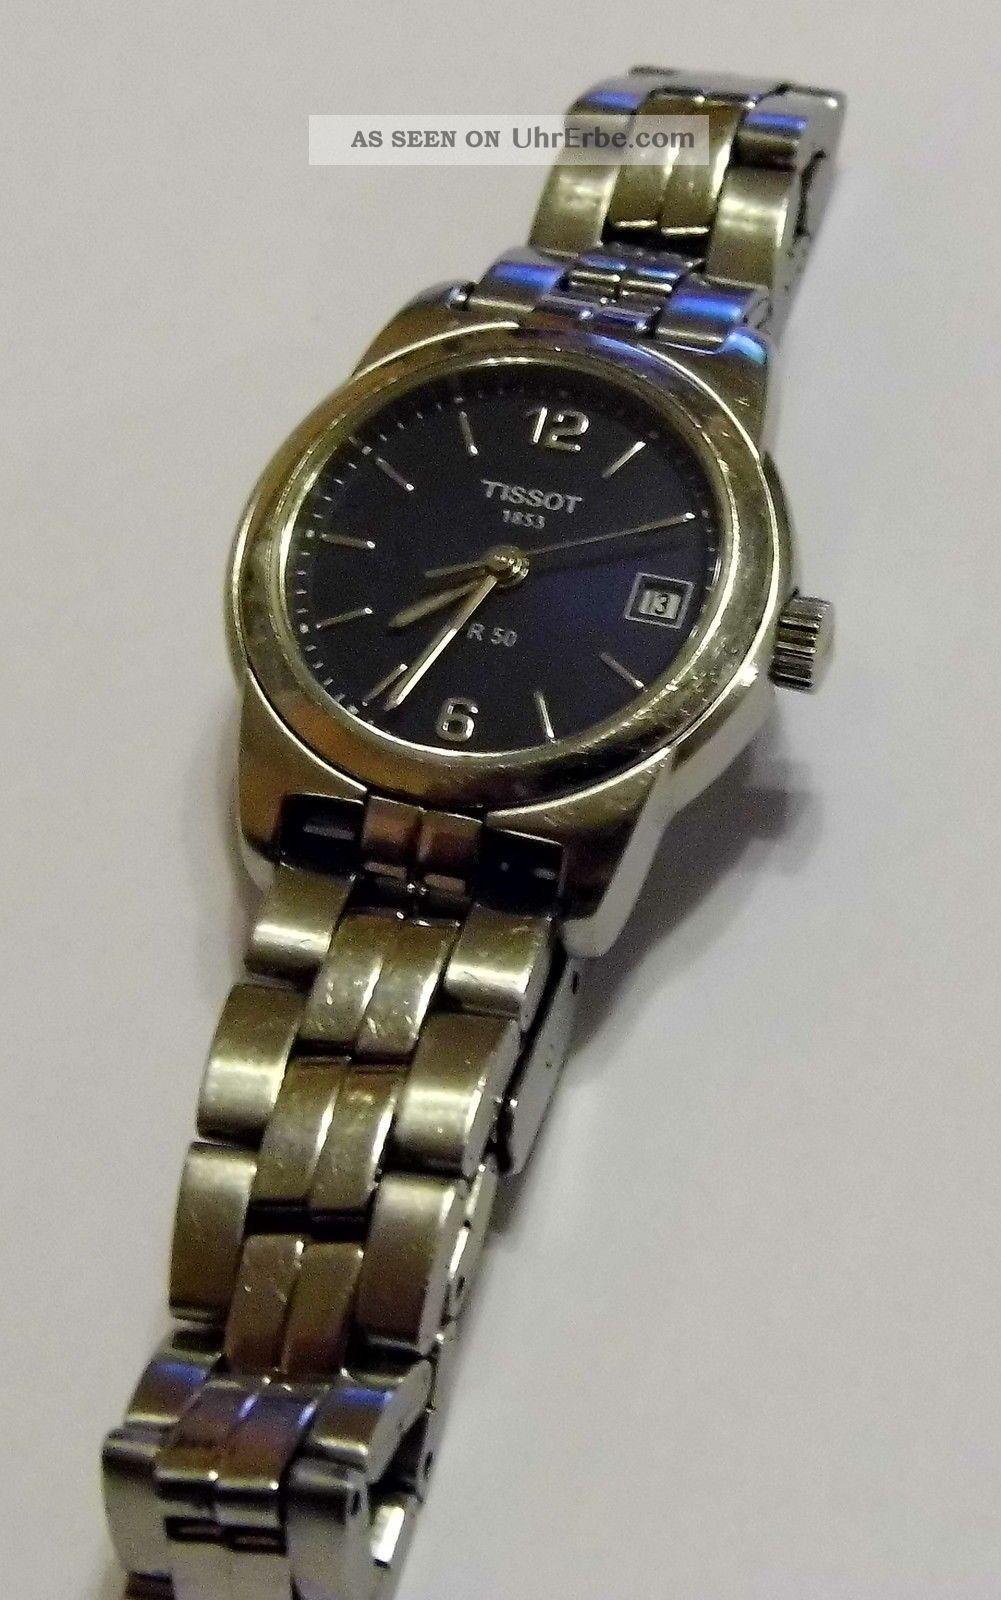 Damen Tissot Pr50 Uhr (kleines Zierliches Gehäuse) Armbanduhren Bild